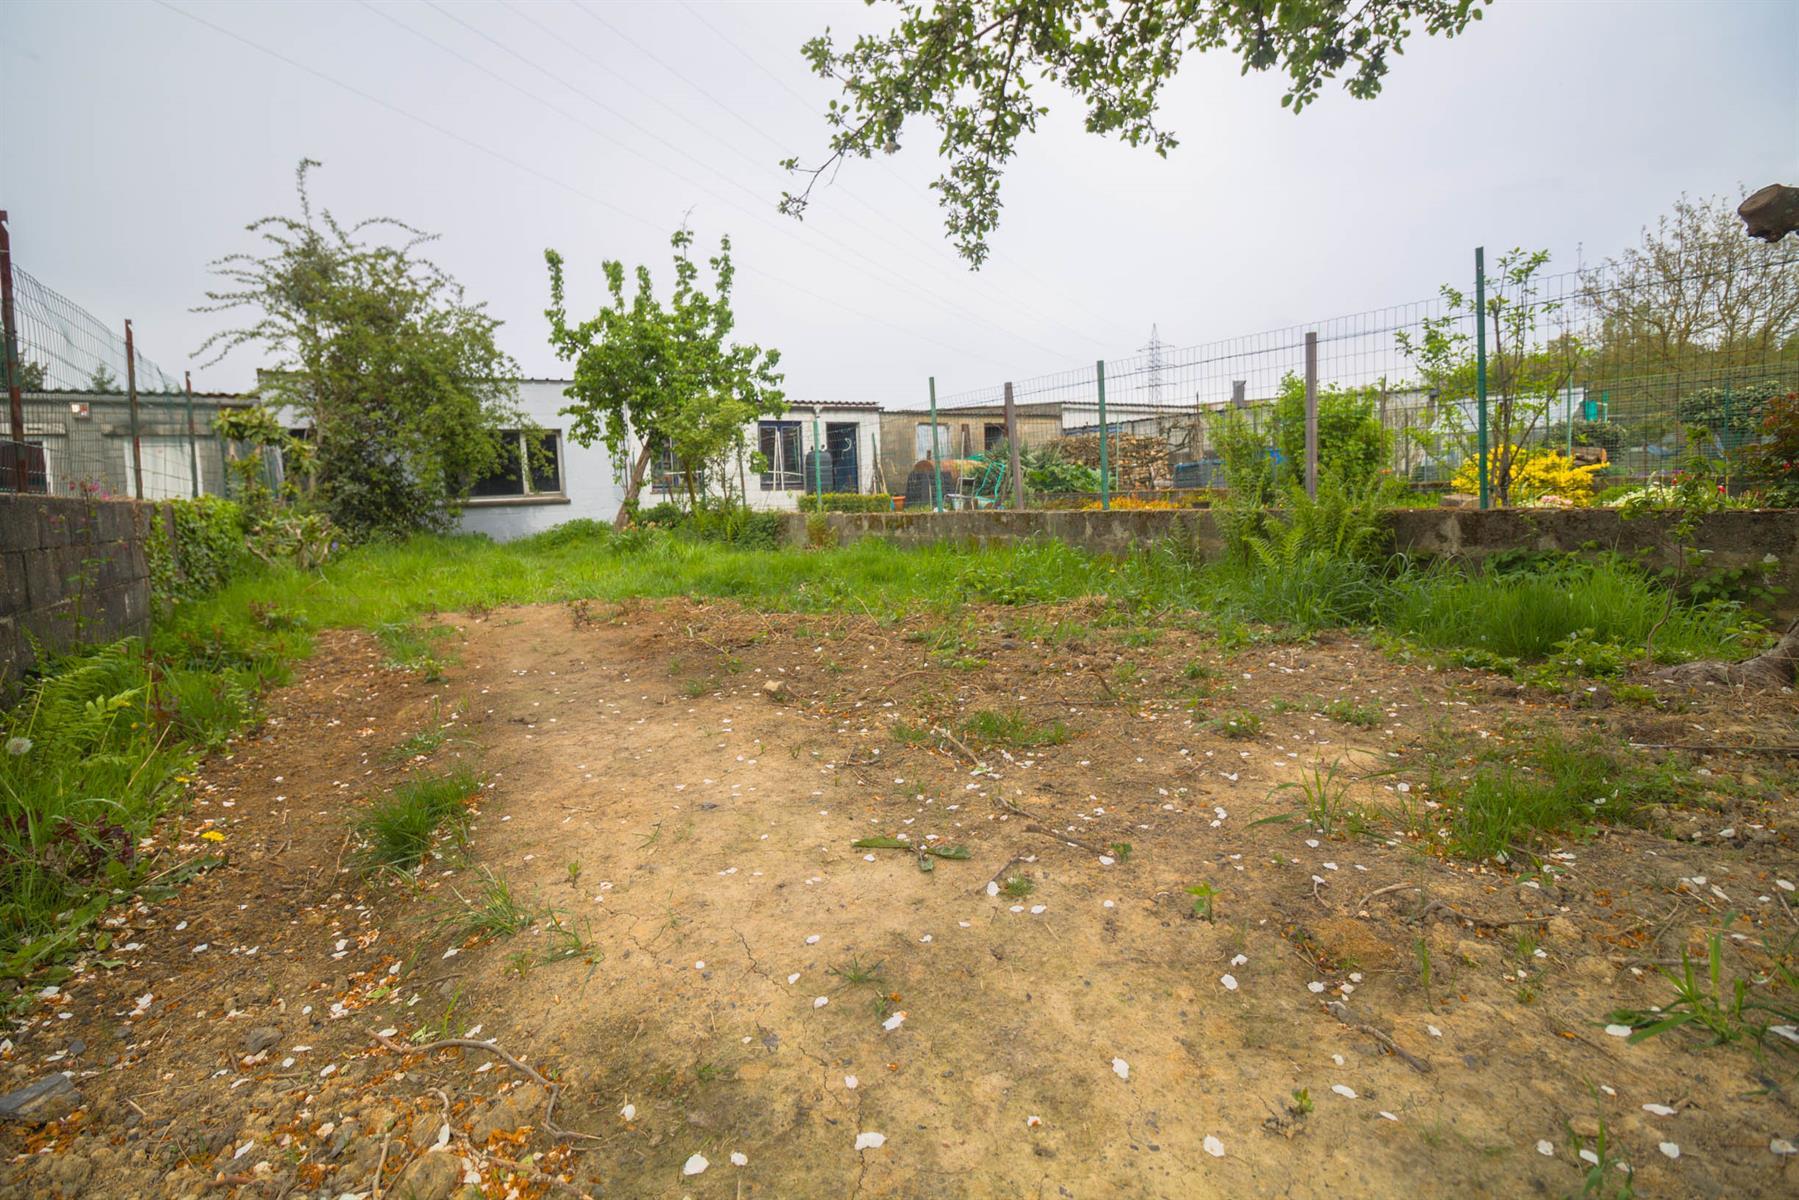 Maison - Goutroux (limite Courcelles) - #4363786-28